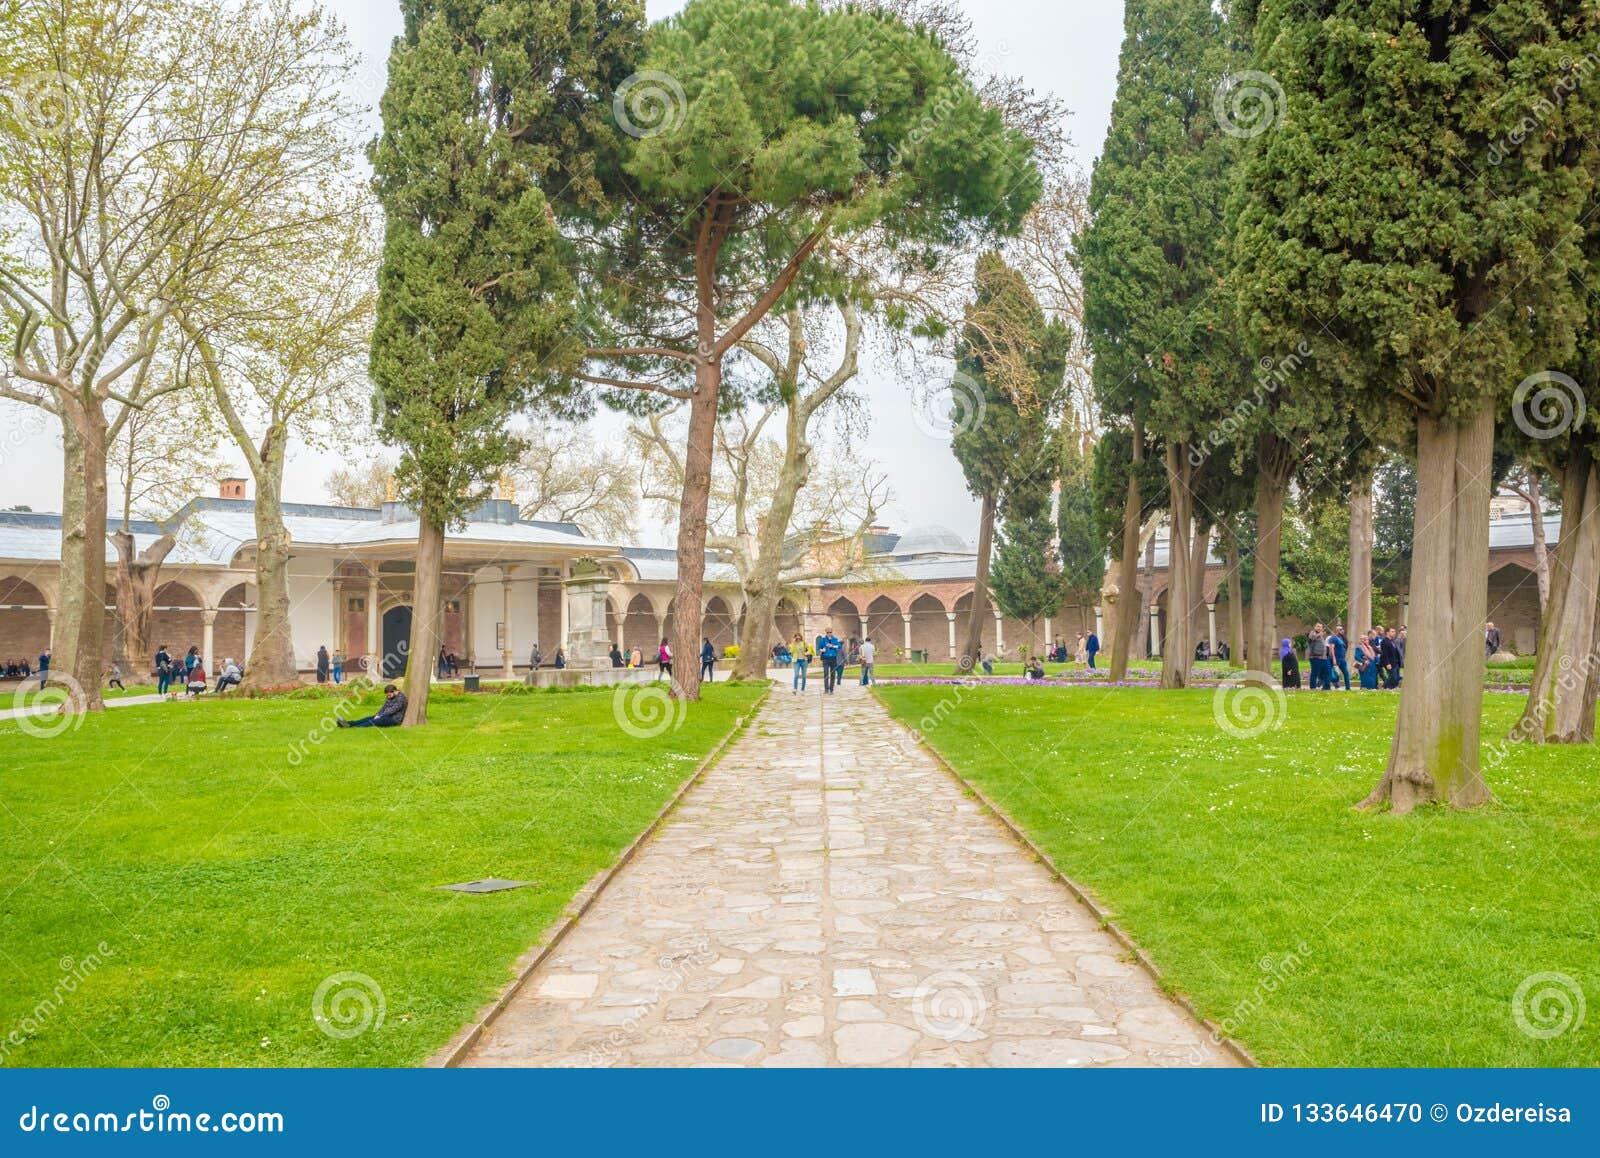 Vista del palacio de Topkapi en Estambul, Turquía